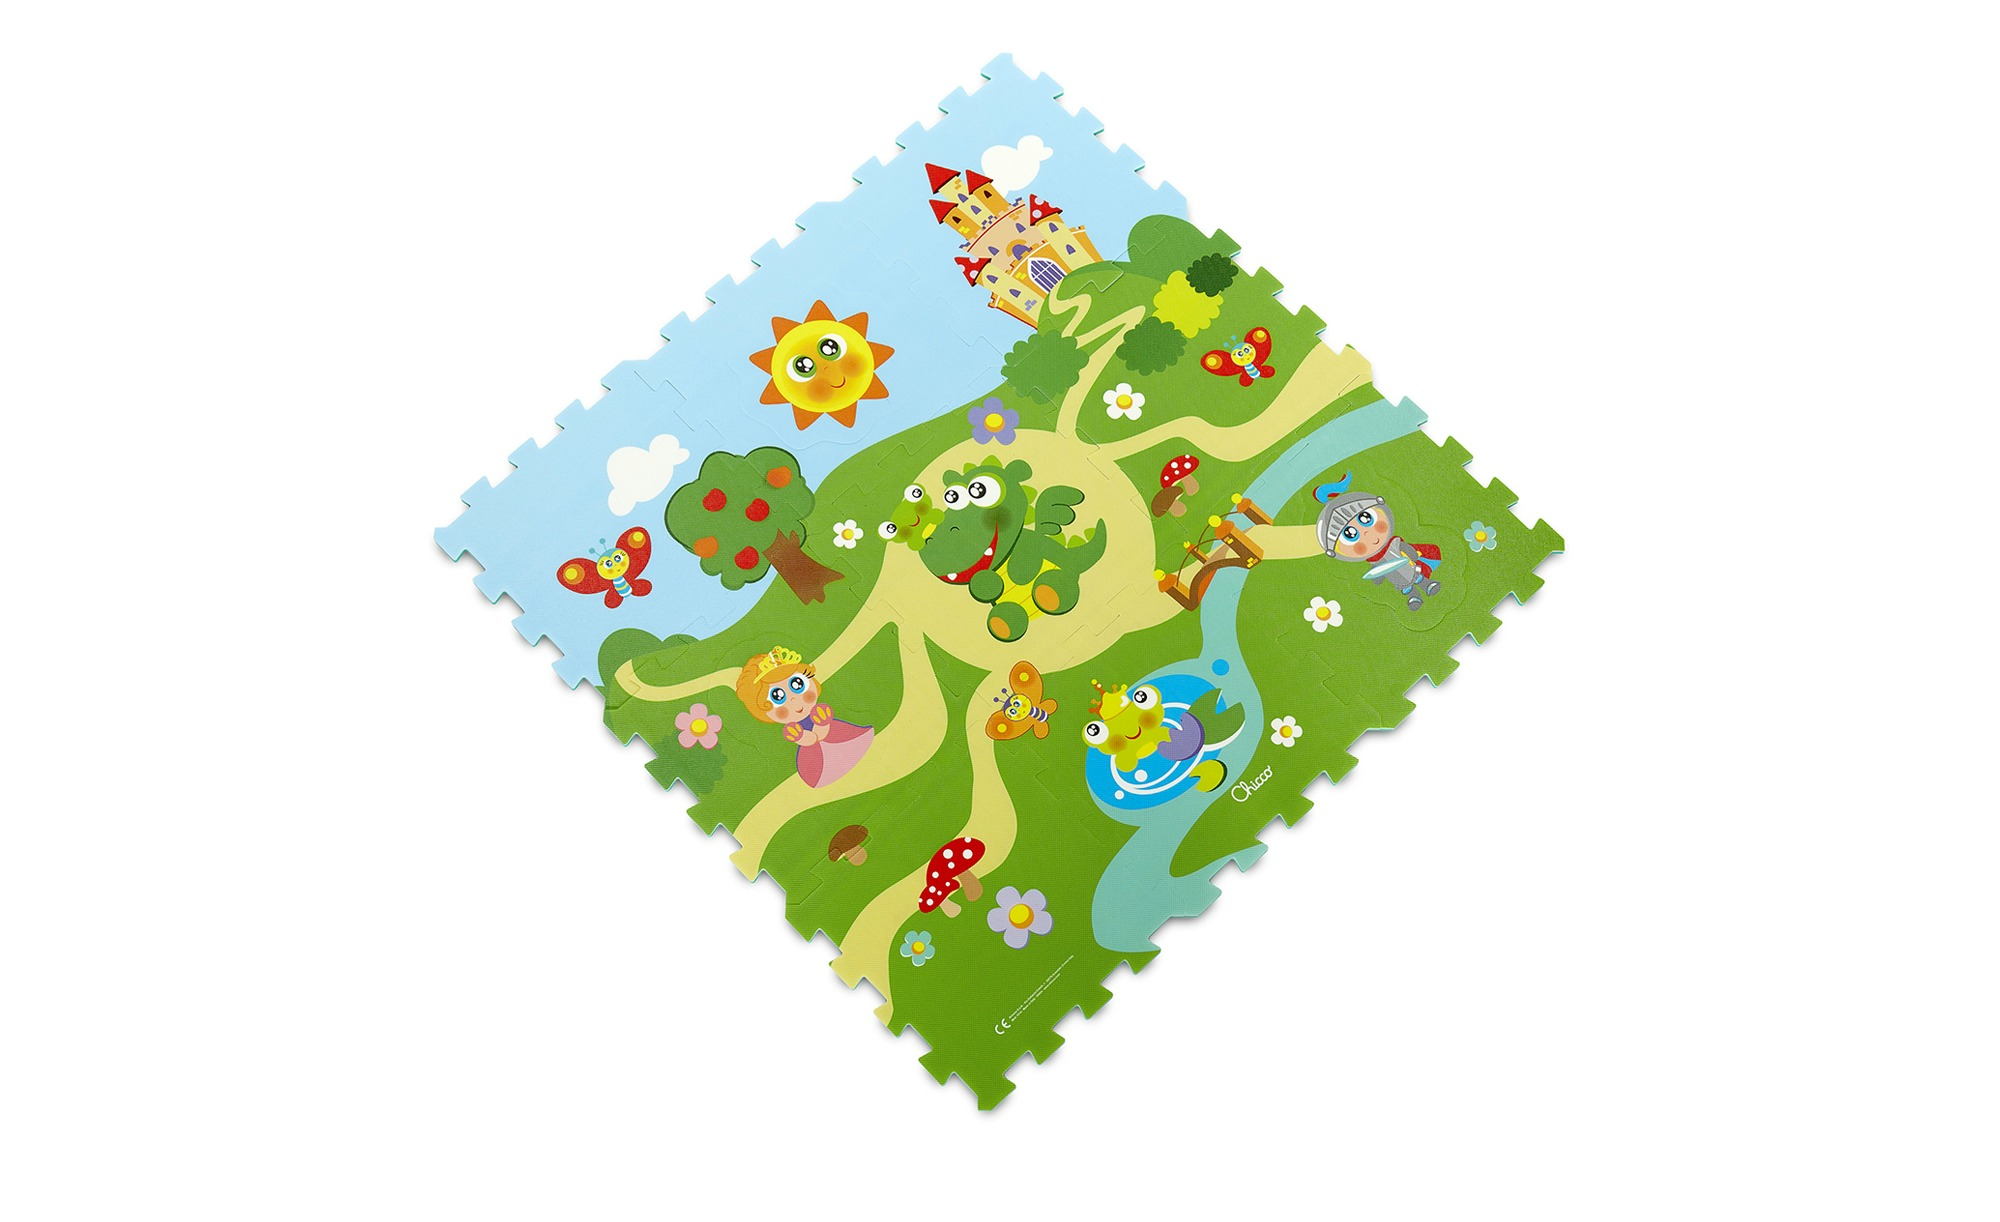 Chicco Puzzelmatte  Schloss ¦ mehrfarbig ¦ PE -Schaumstoff , Oberfläche: Siebdruckschicht  ¦ Maße (cm): B: 93 H: 1 Teppiche > Kinderteppiche - Höffner